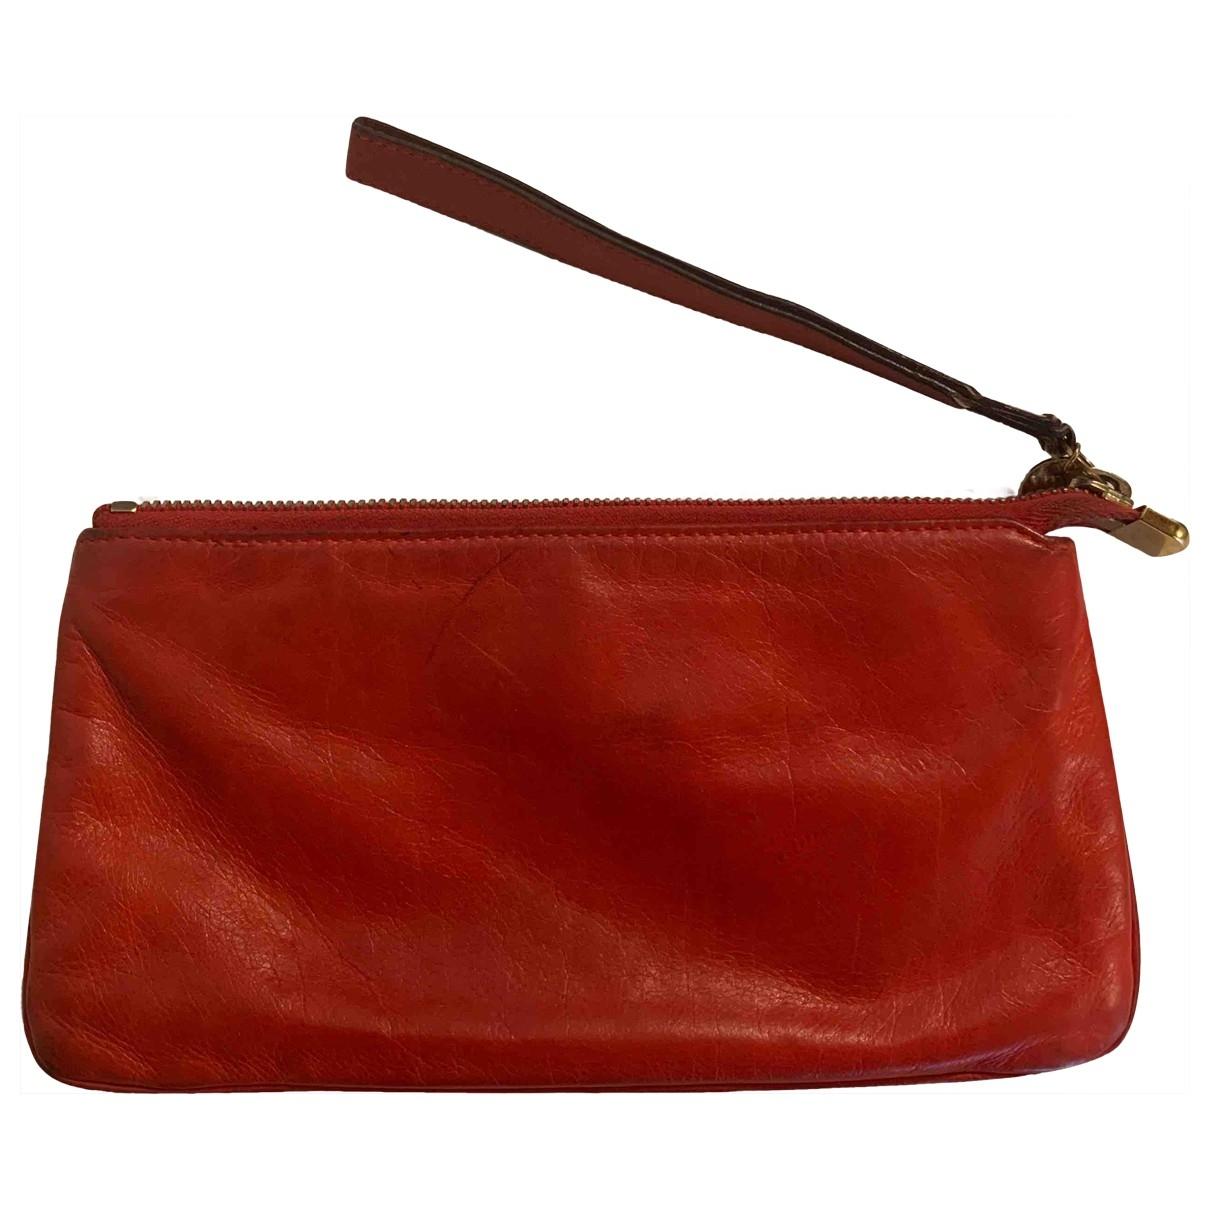 Gucci \N Orange Leather Clutch bag for Women \N